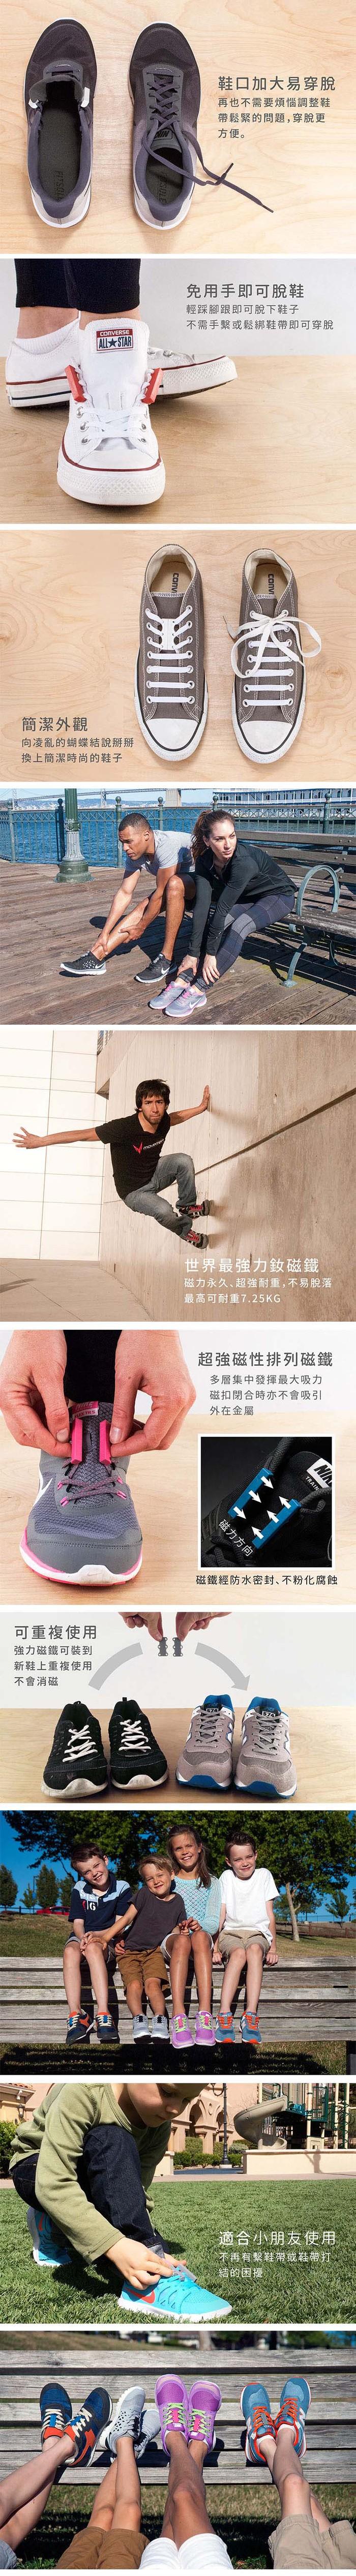 美國 Zubits | 強磁鞋帶扣 1 號 - 絕黑